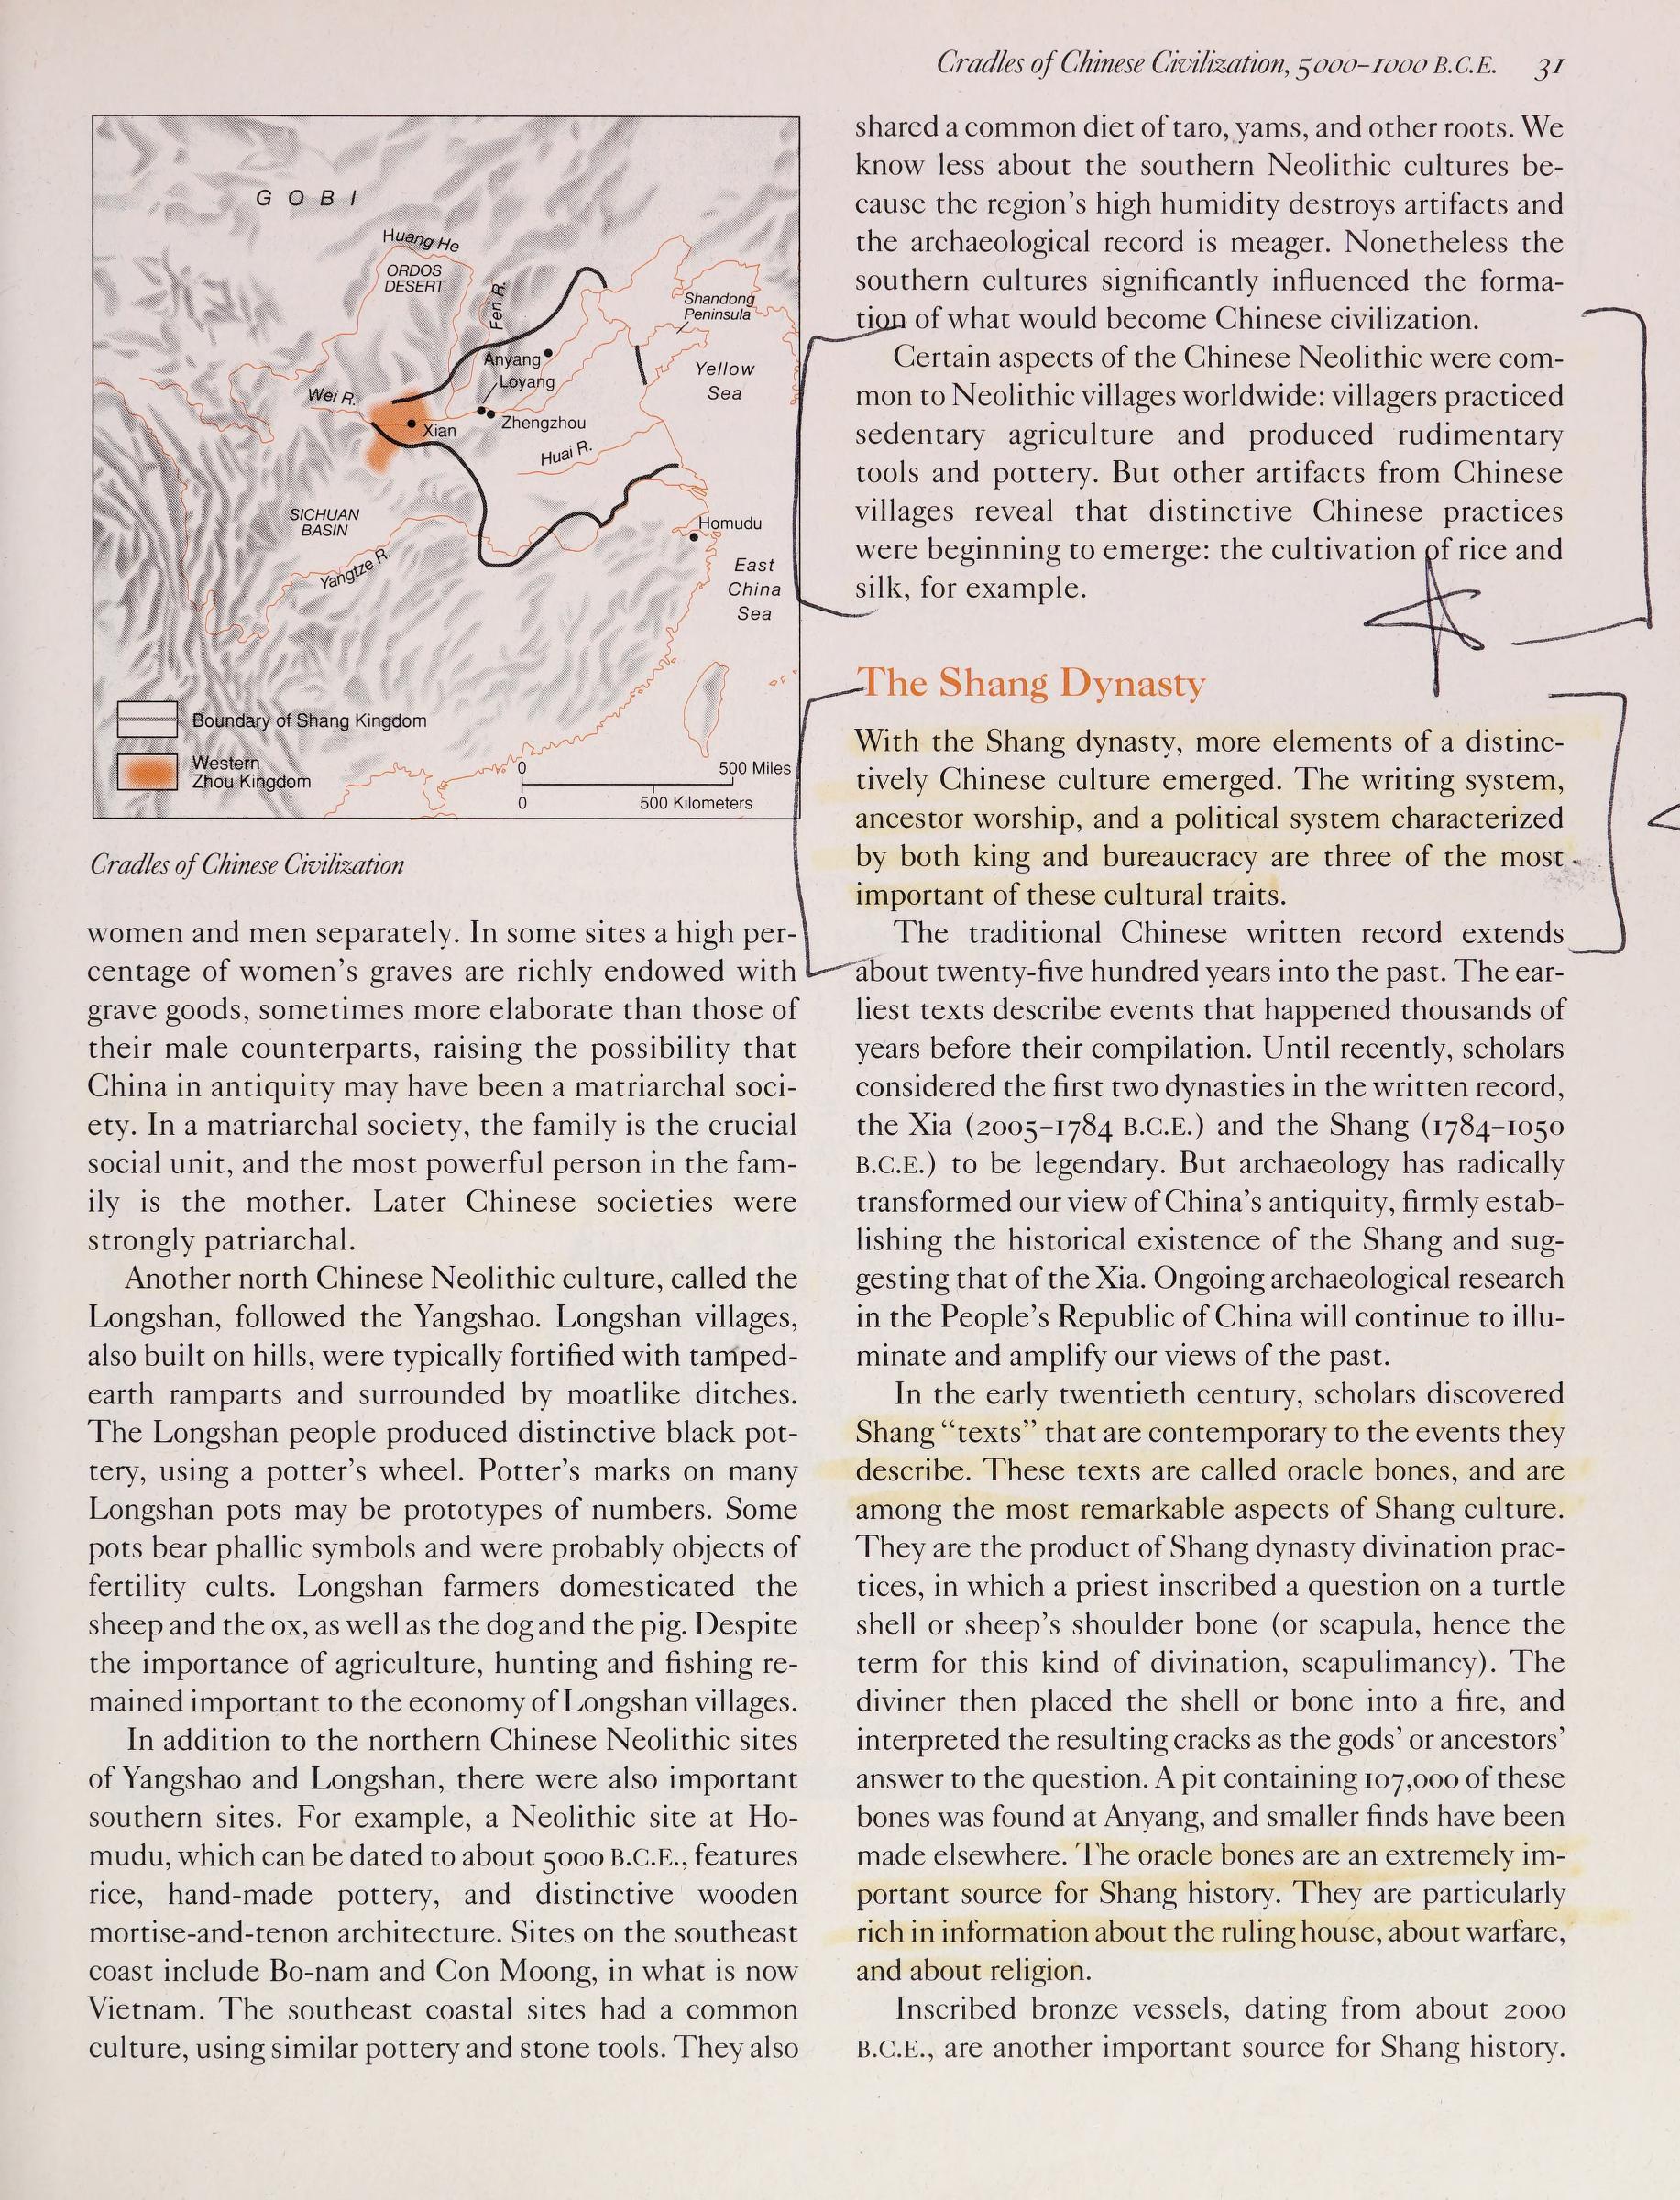 西方人不承认夏朝的存在吗?来看看美国的教科书是怎么说的